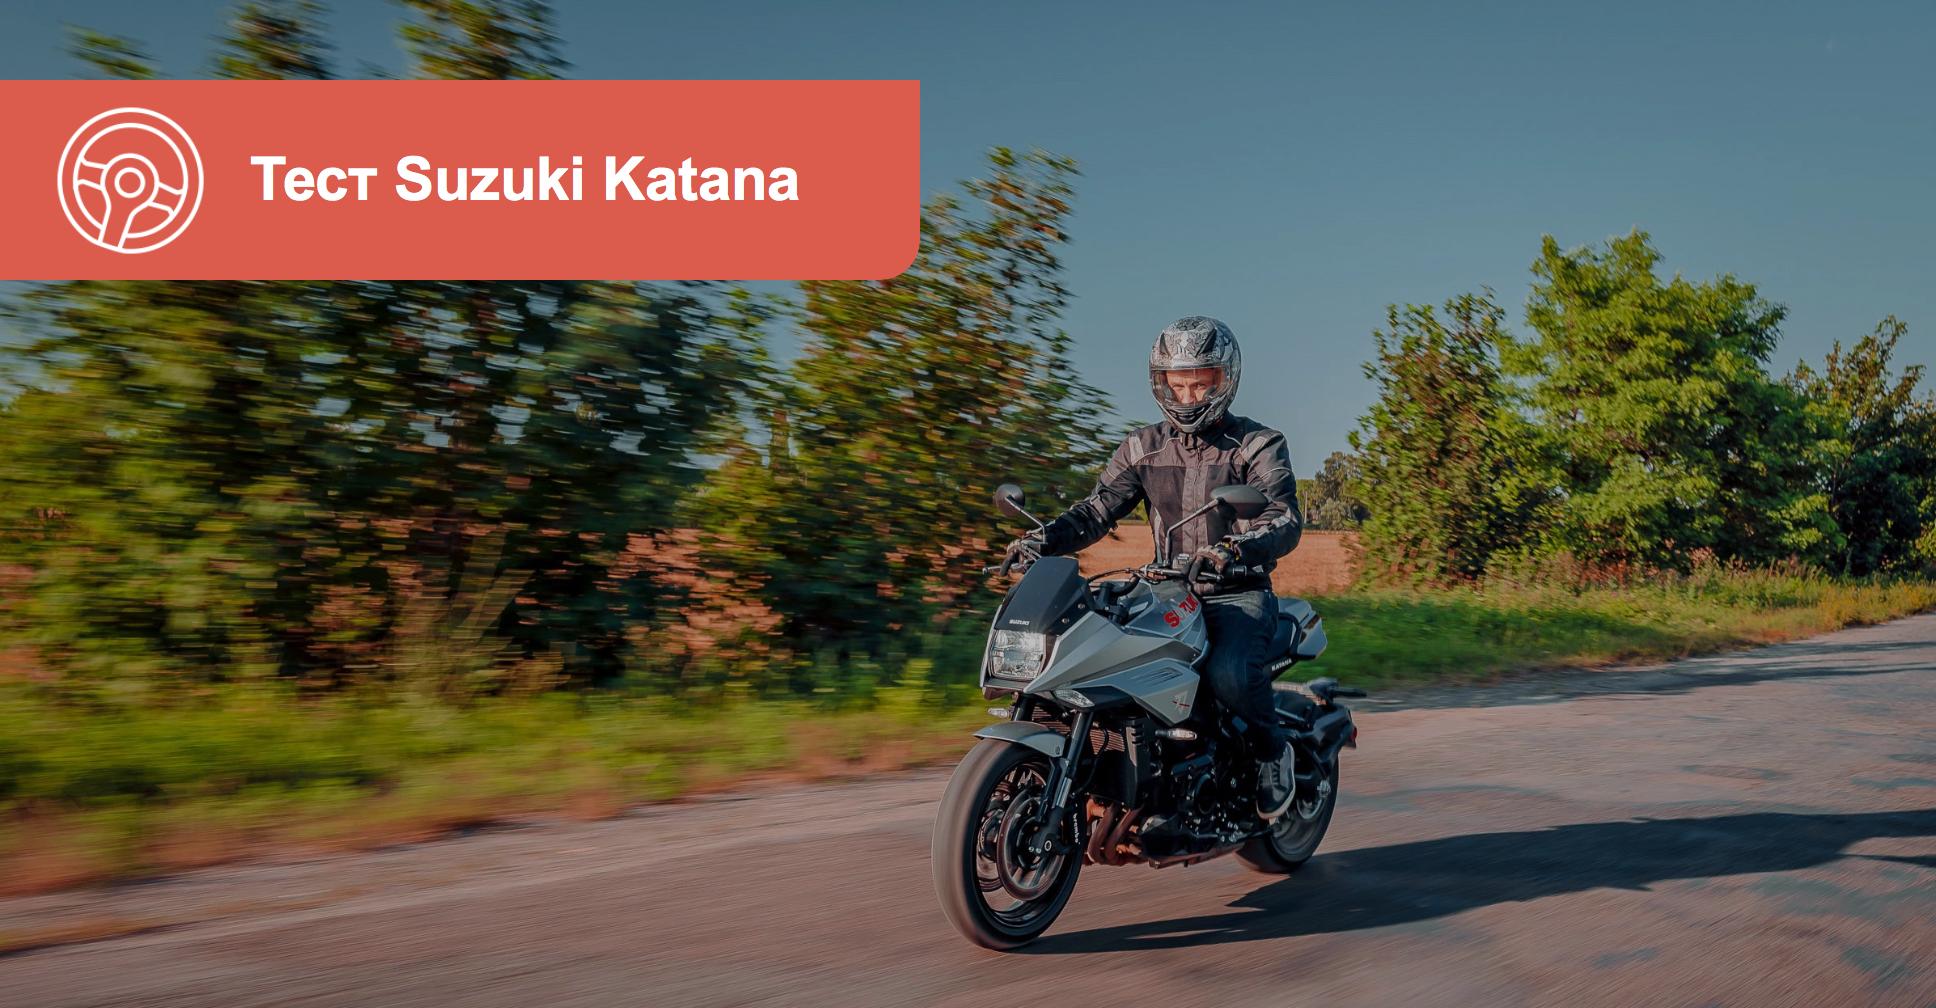 Cузуки Катана 2020 тест драйв и обзор Suzuki Katana с фото